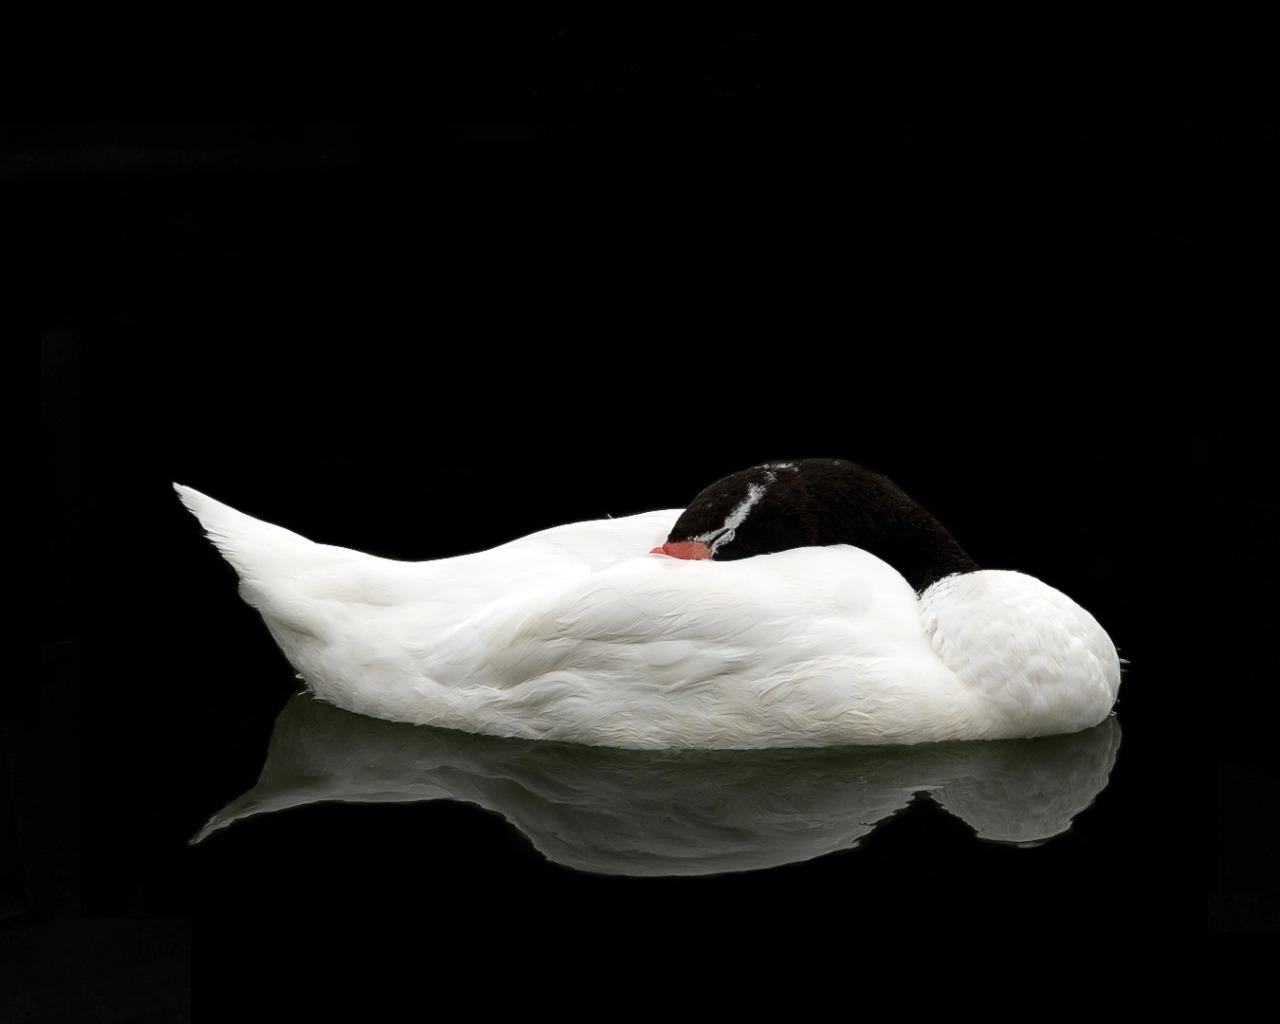 Черный стеклянный лебедь  № 3137111 загрузить